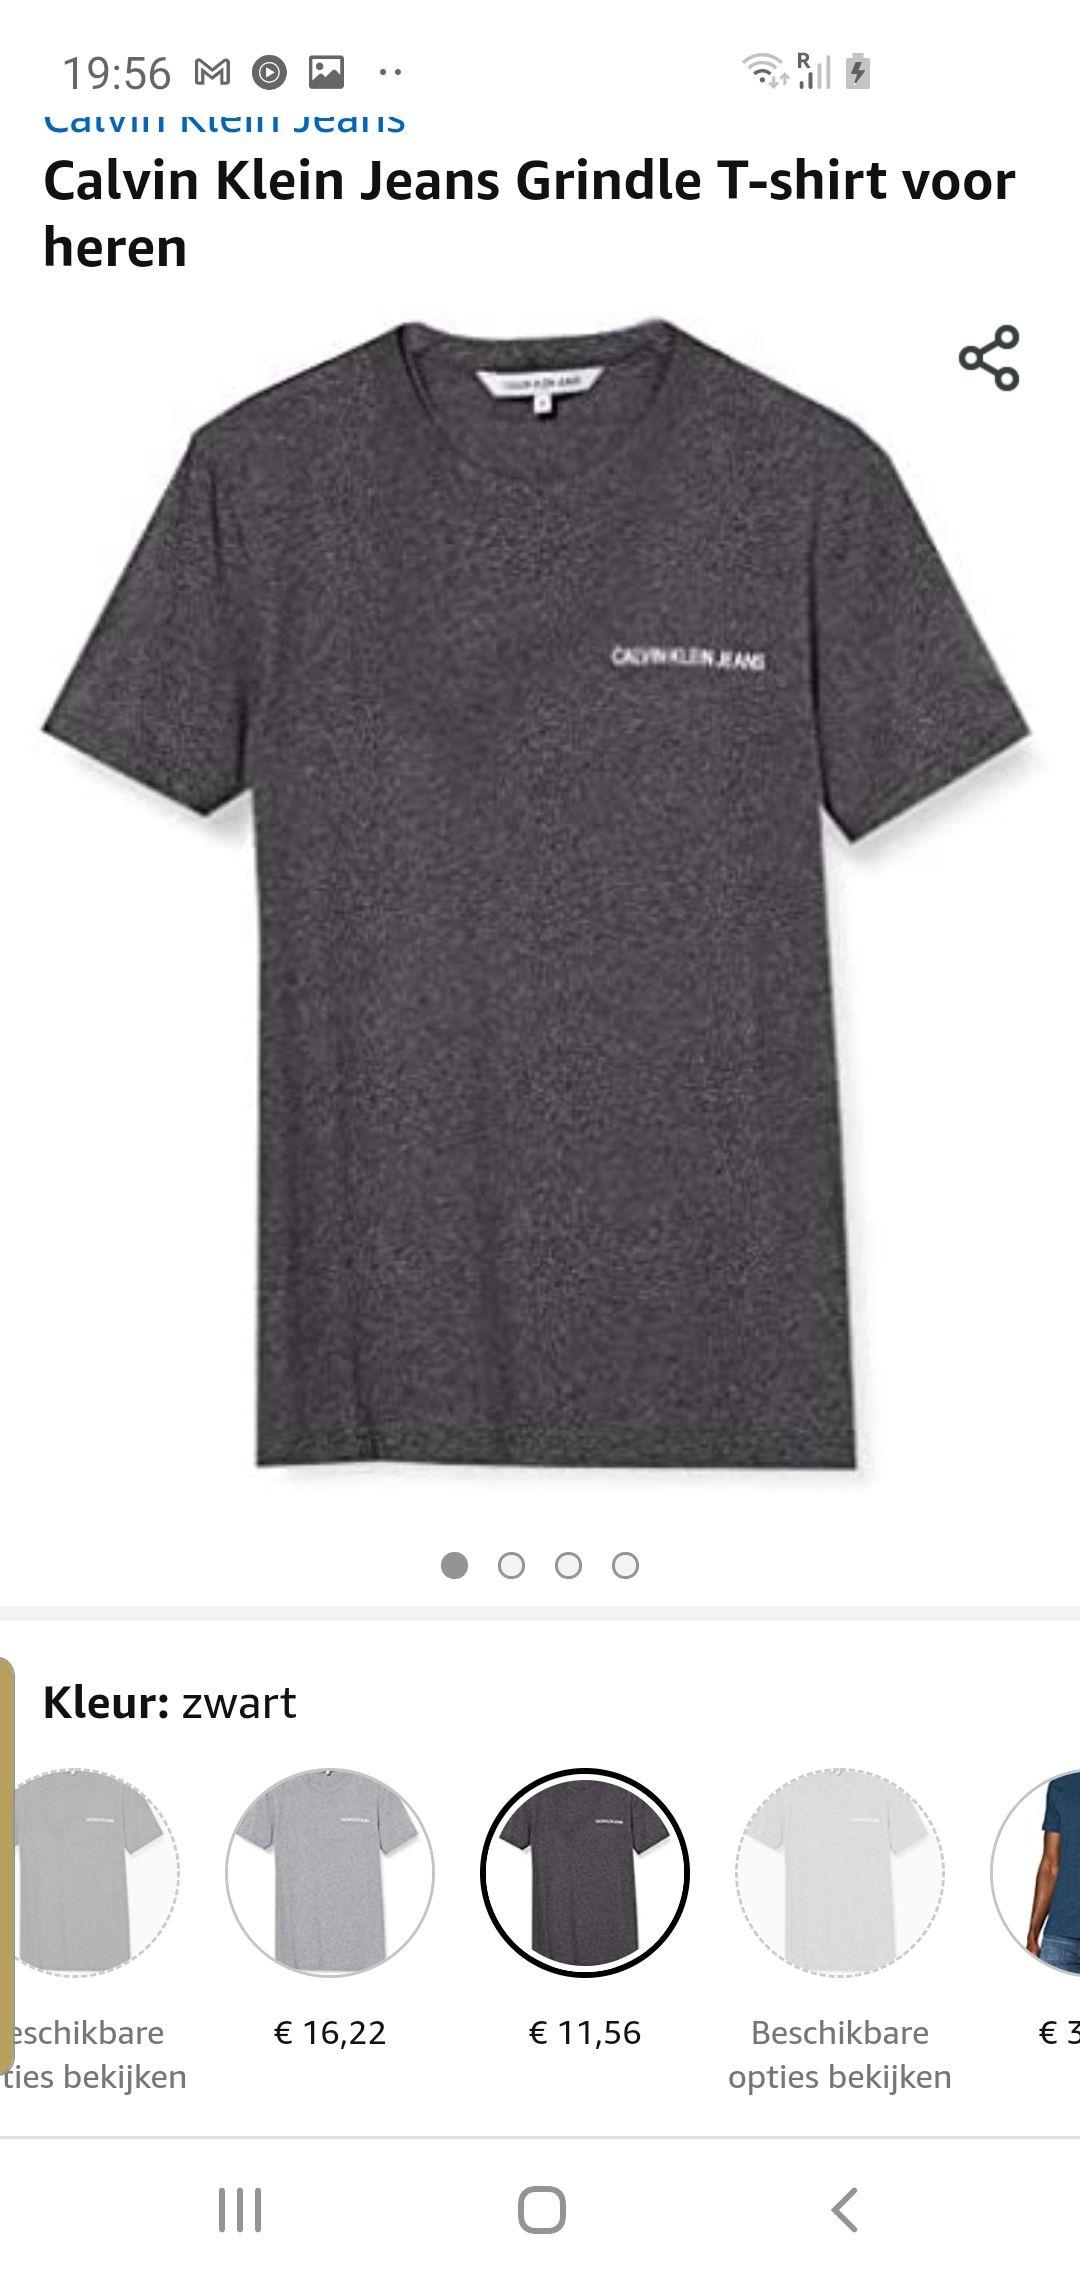 Calvin klein jeans t shirt 11.54 maat s xl xxl